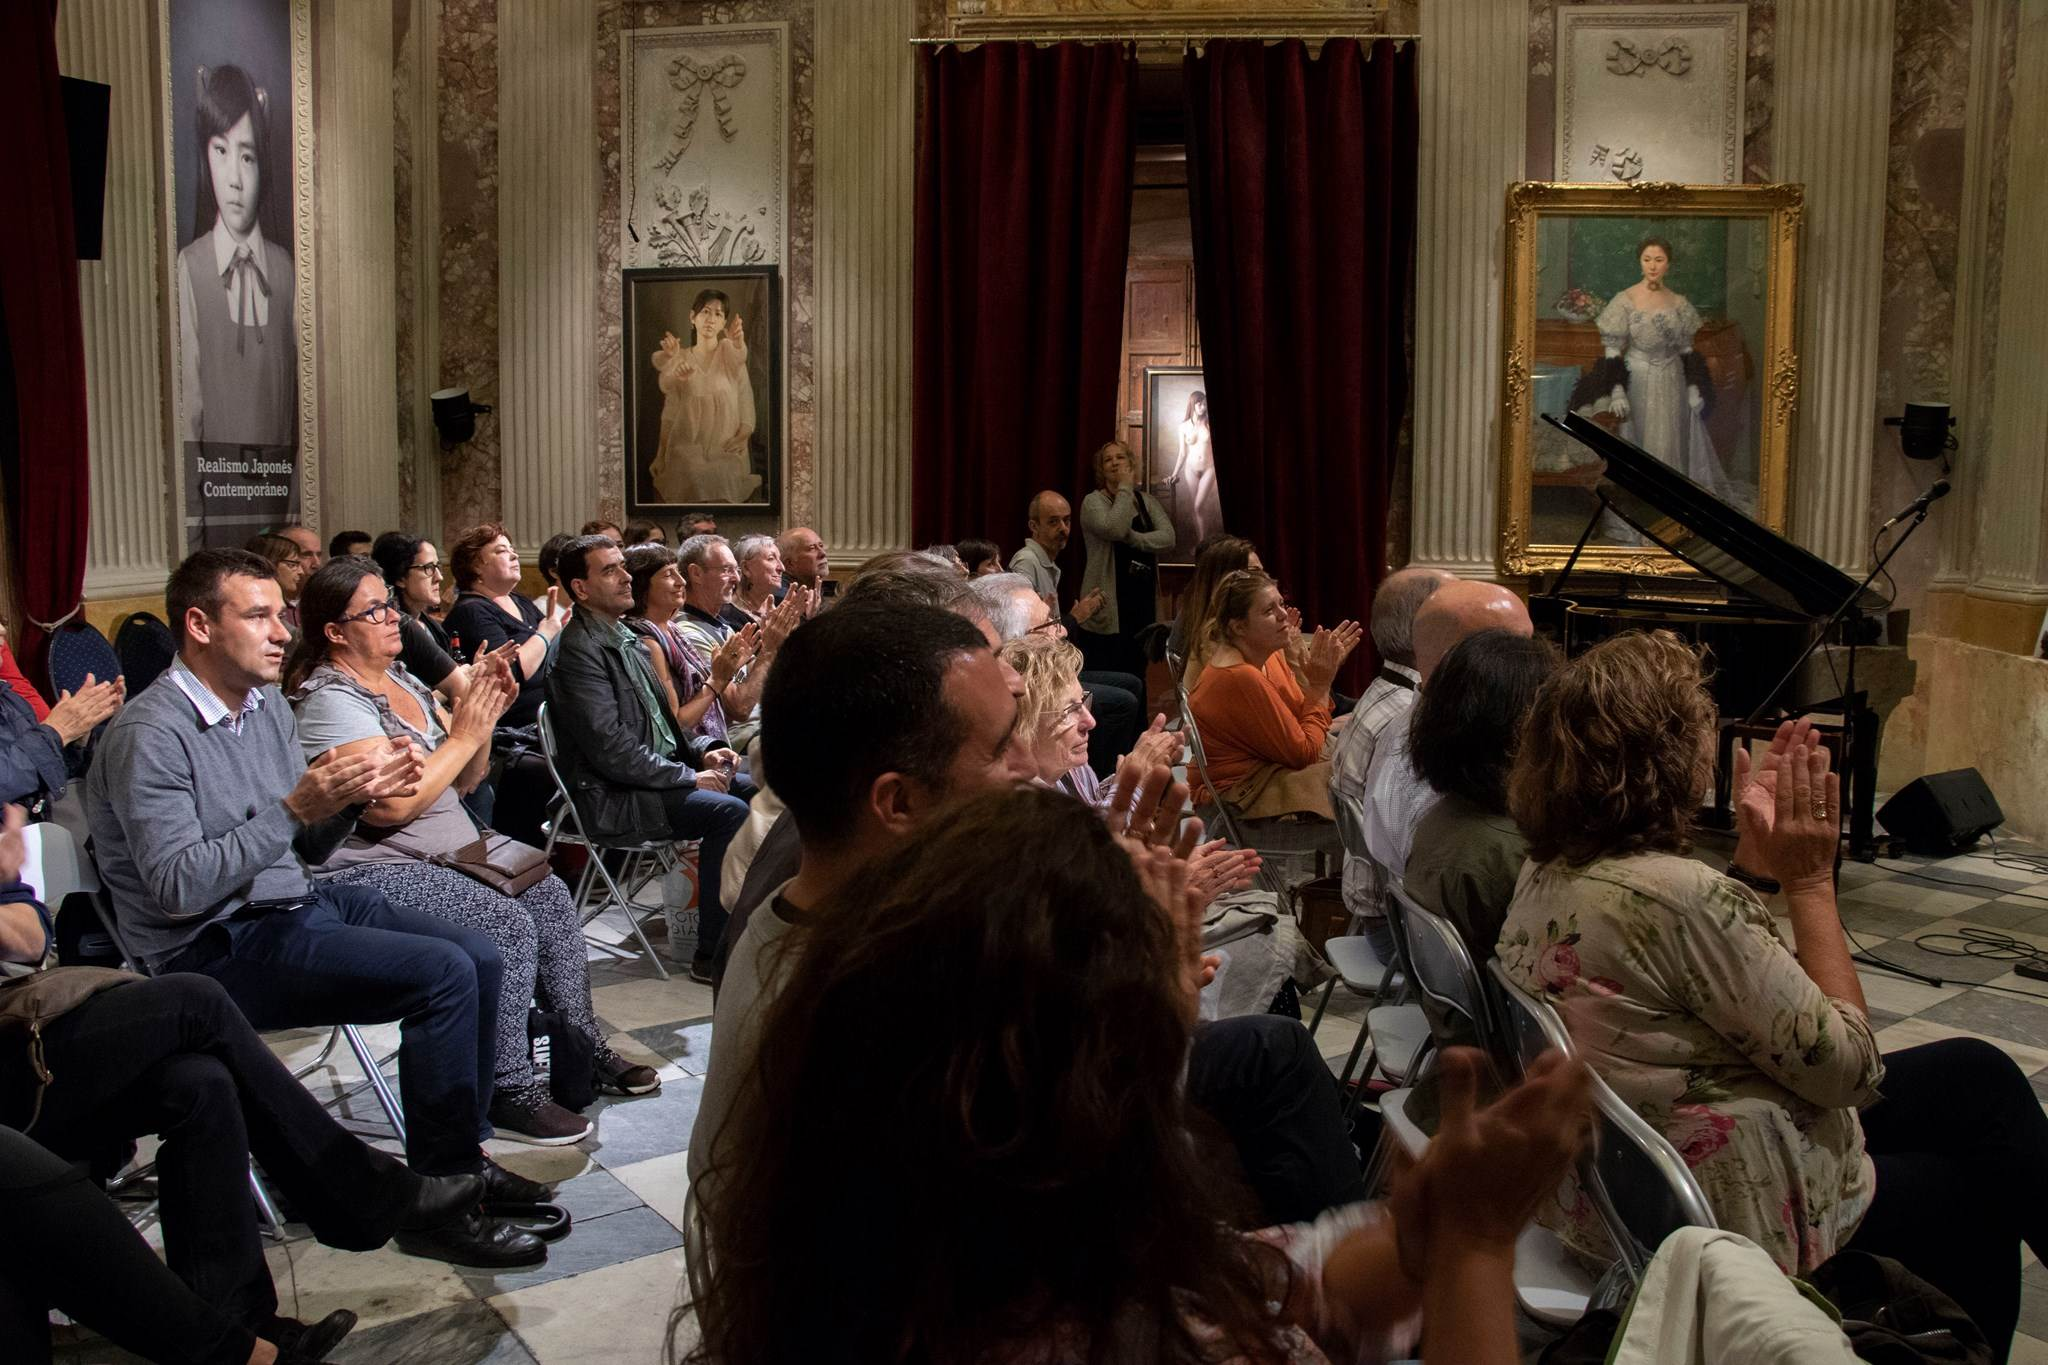 #MésQueMúsica Presentació Músiques Sensibles amb Gemma Humet i Intana